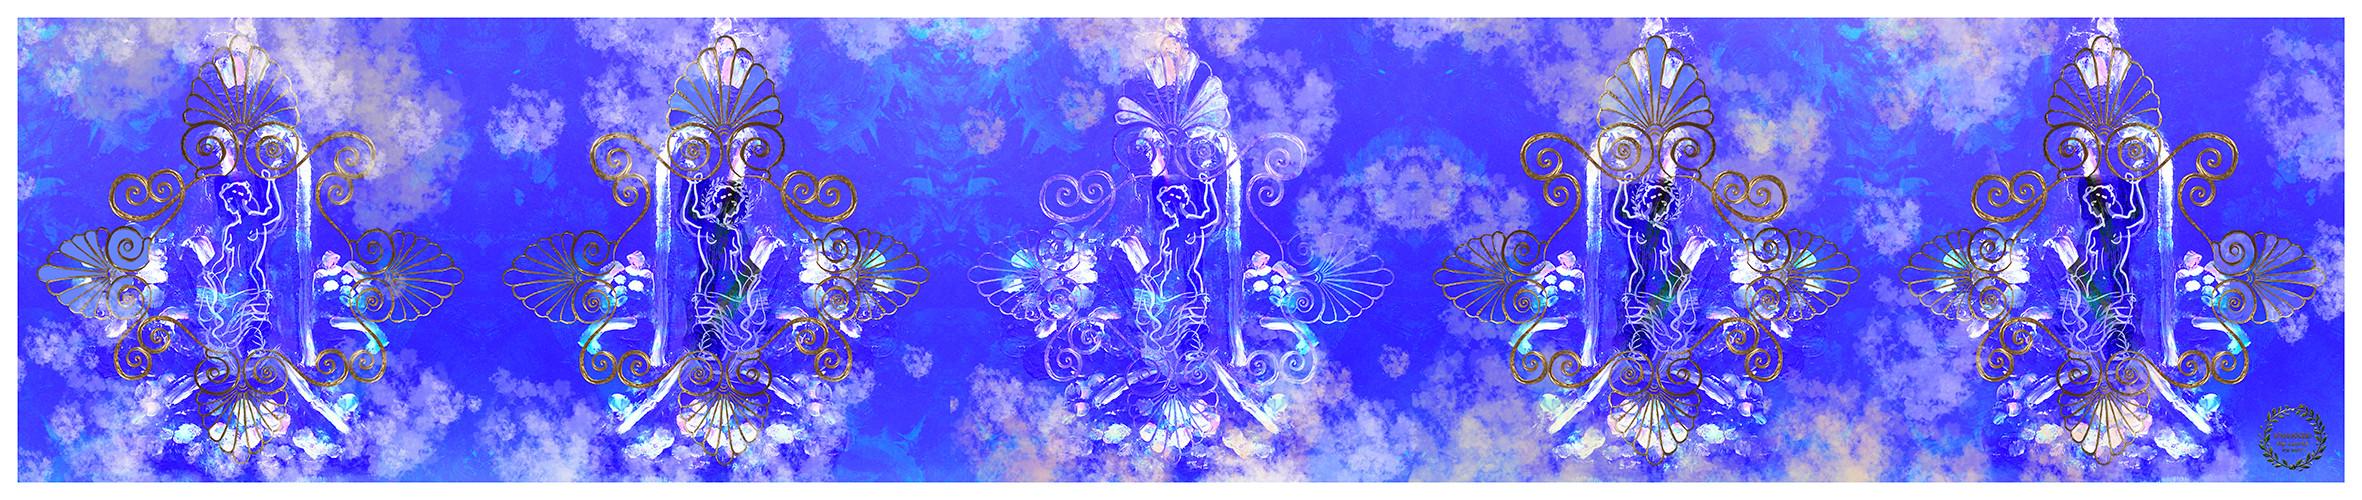 Extended Athena Sky